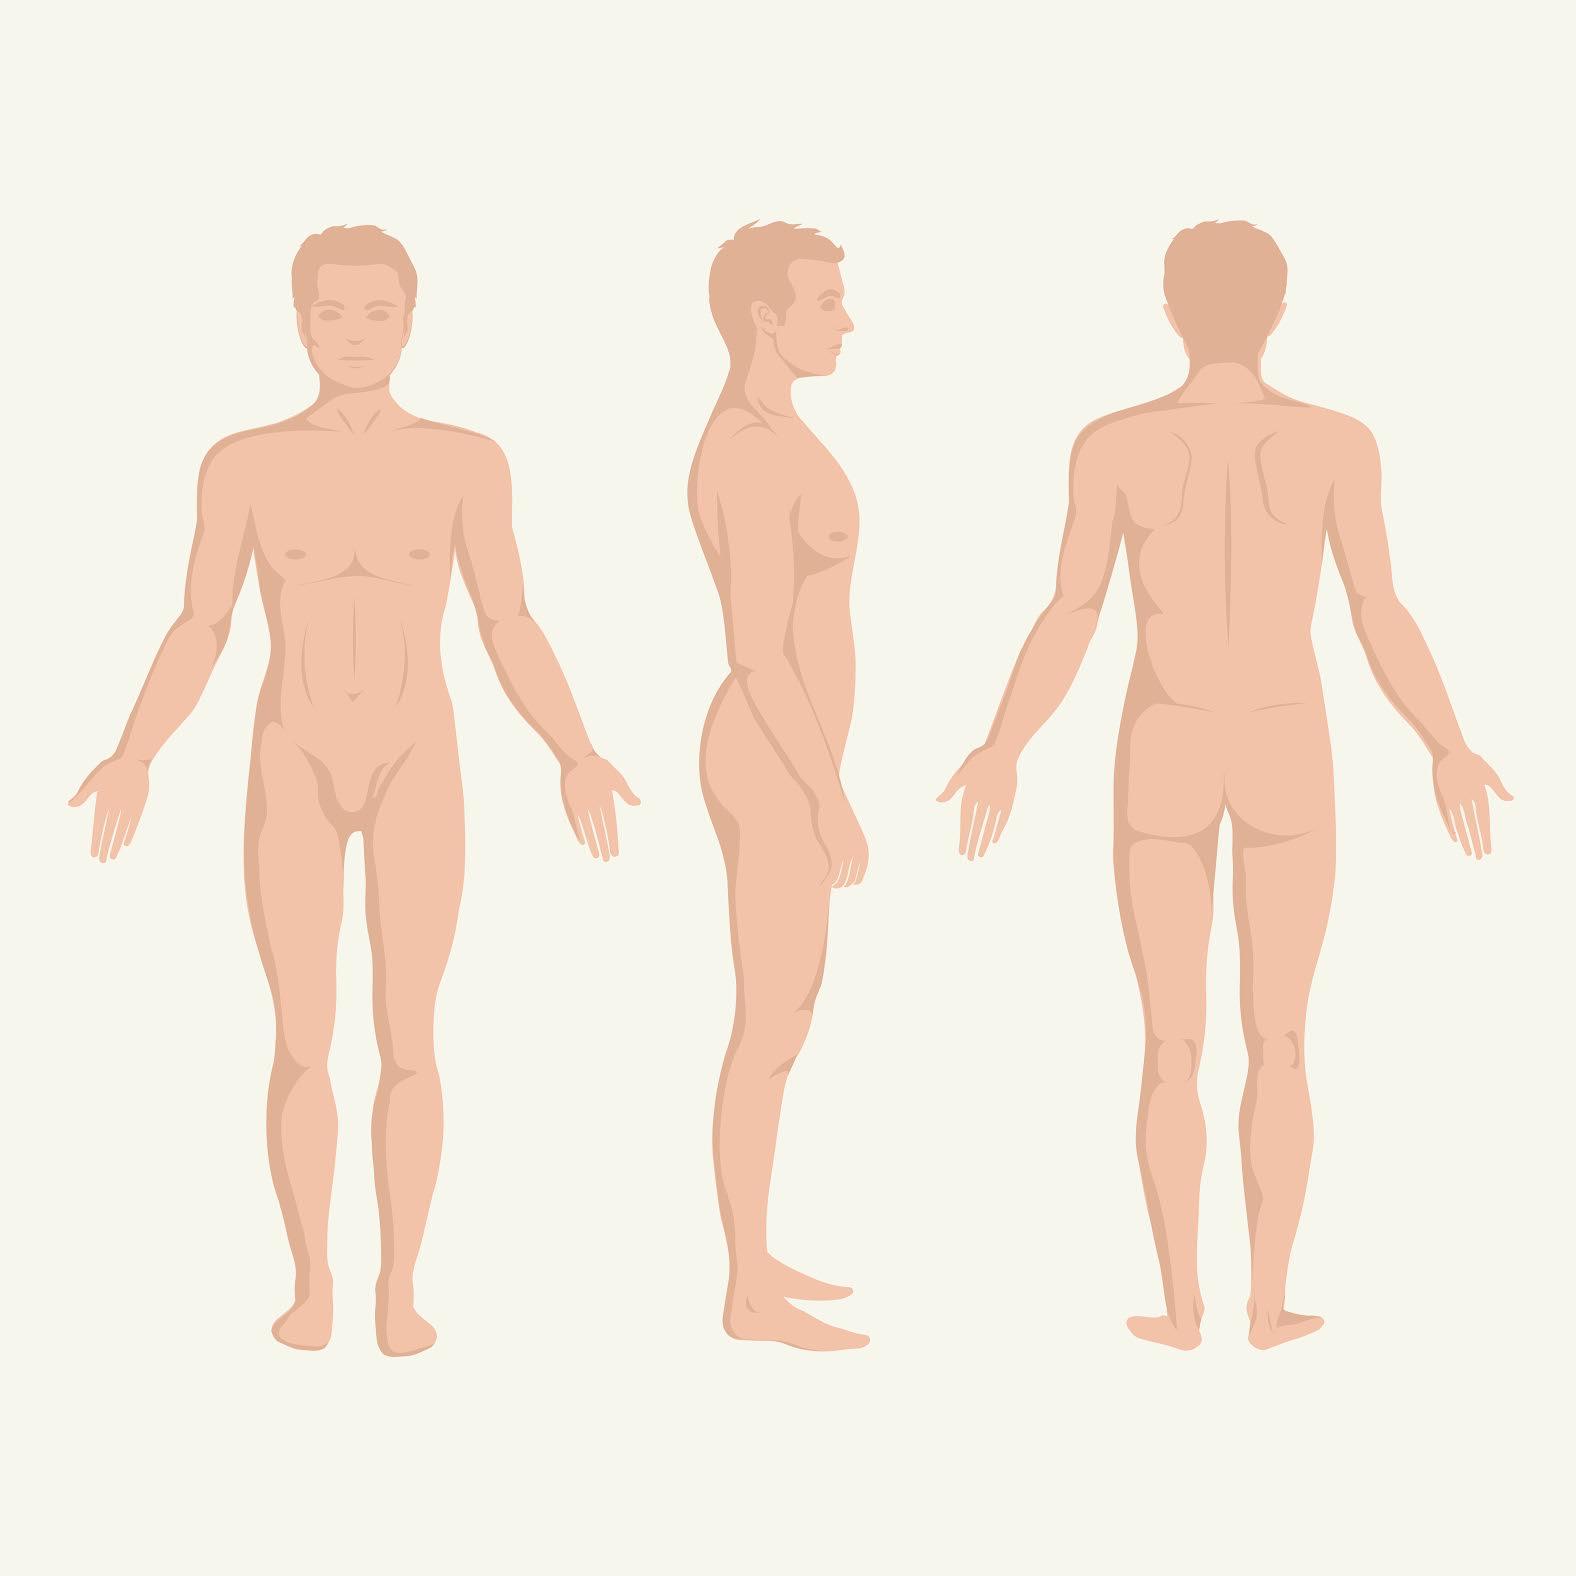 alungirea și îngroșarea atașamentului penisului despre penisul îndreptat în jos